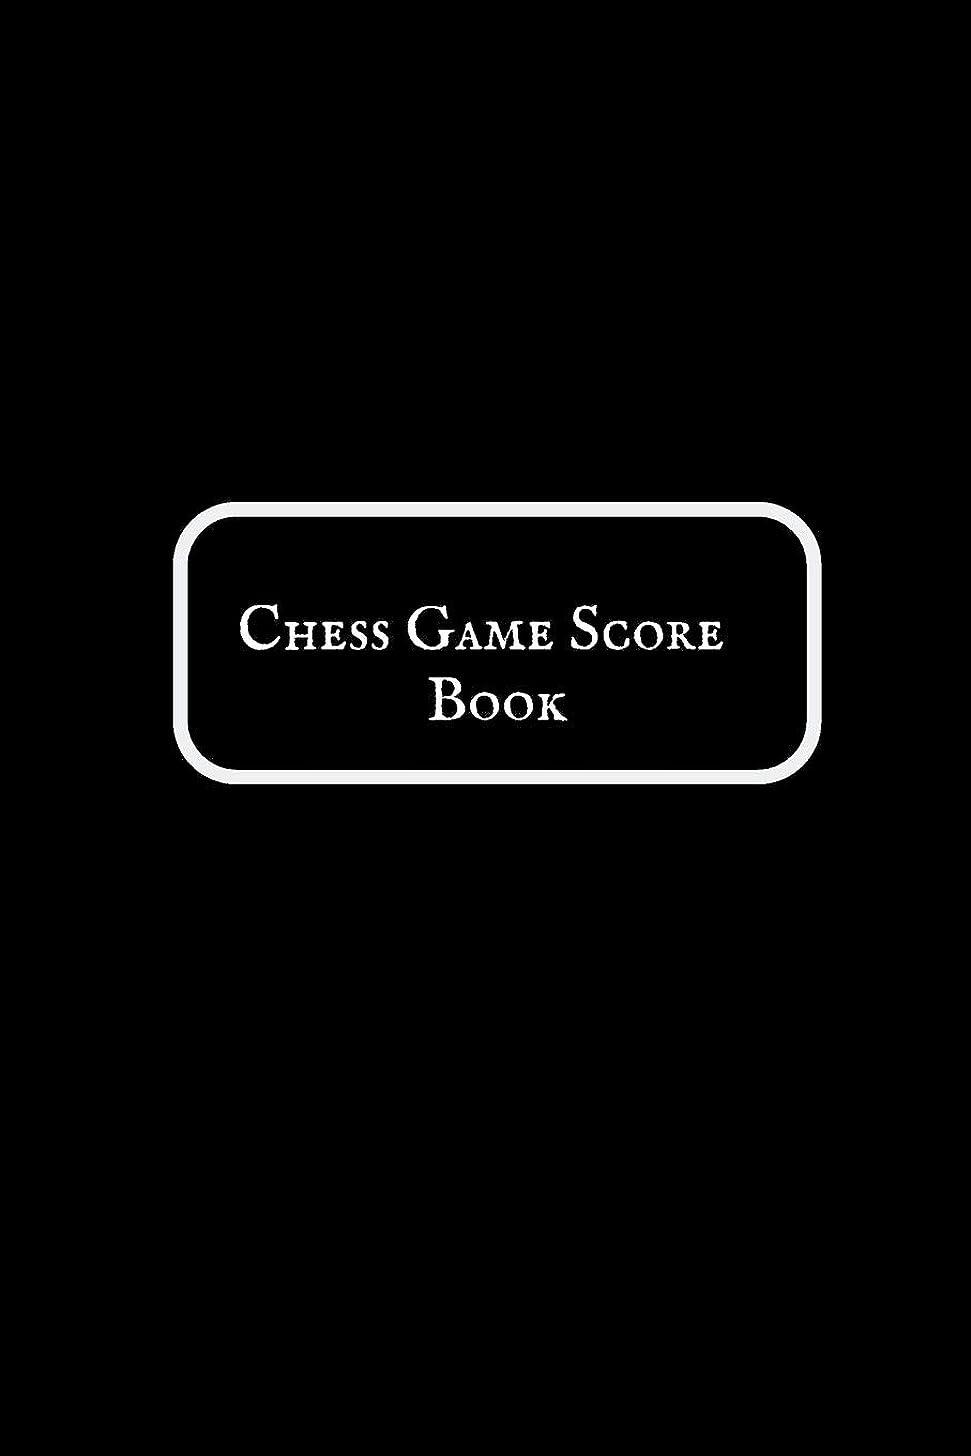 決定するくさび染料Chess Game Score Book: Ultimate guide Book to record games, Tactics, strategy & Log wins | Chess Moves Note Book| Chess Journal  & Scoresheet